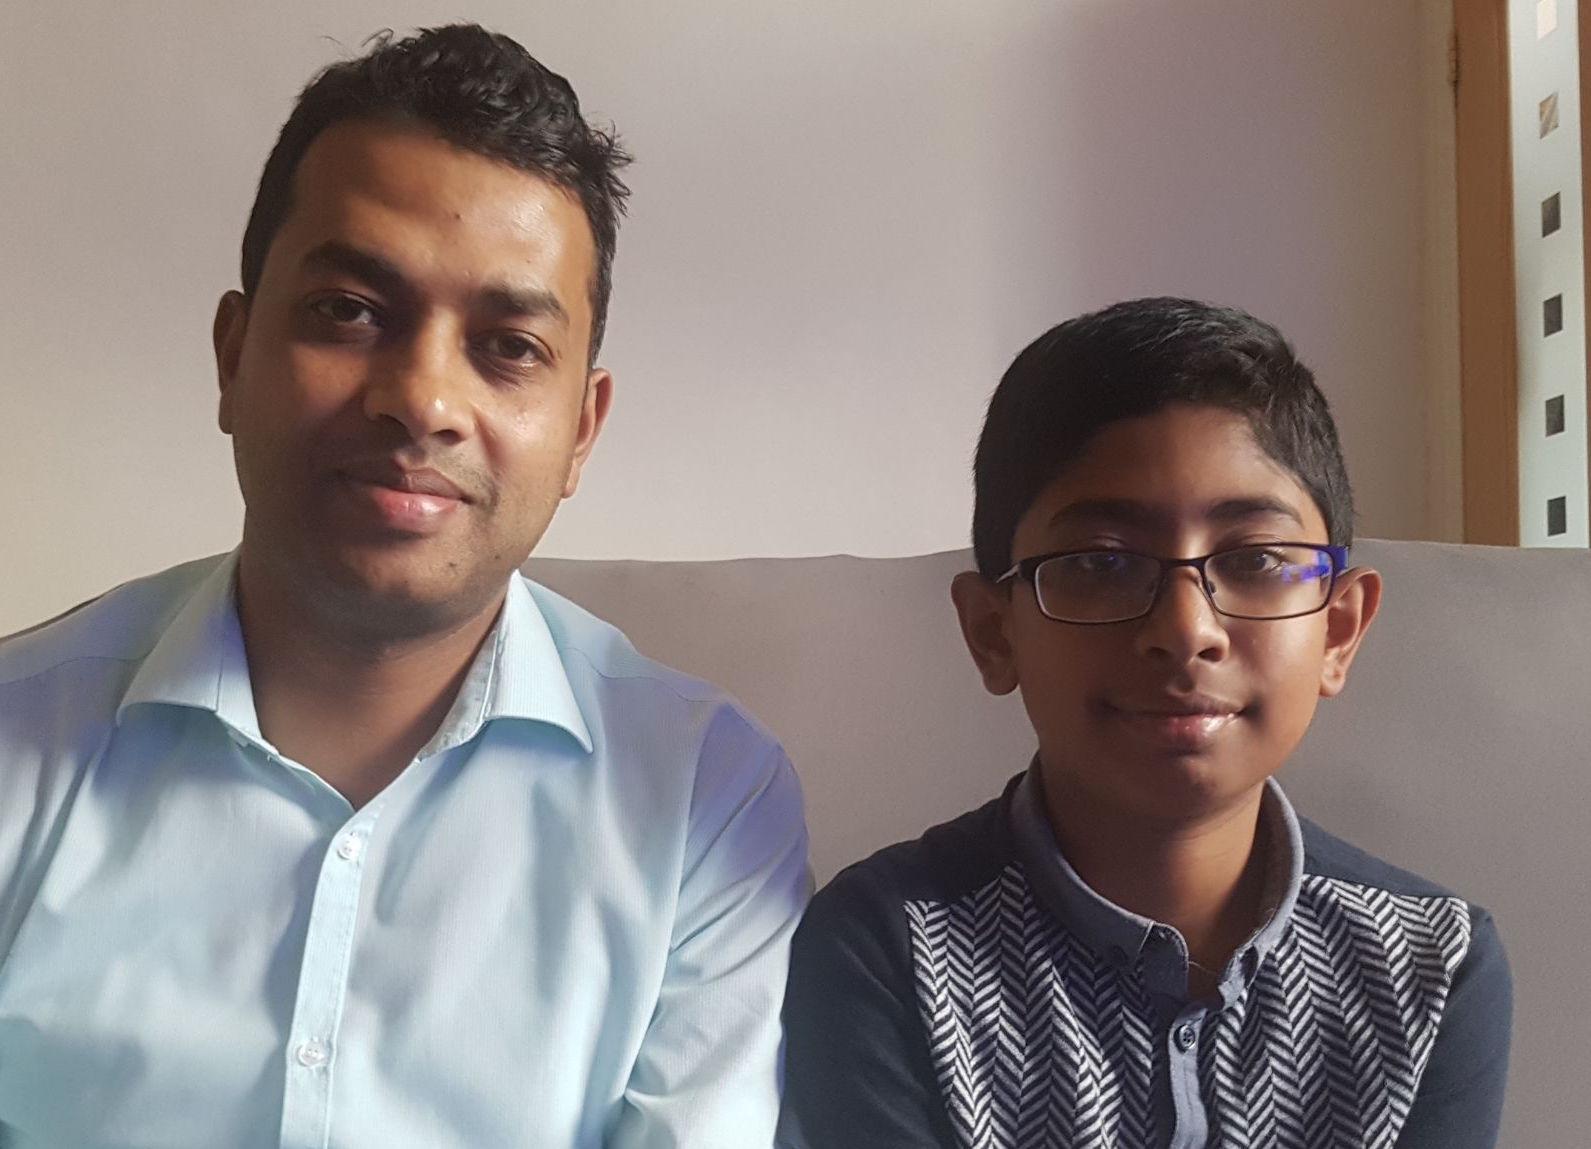 Tahir and Ehsanoor